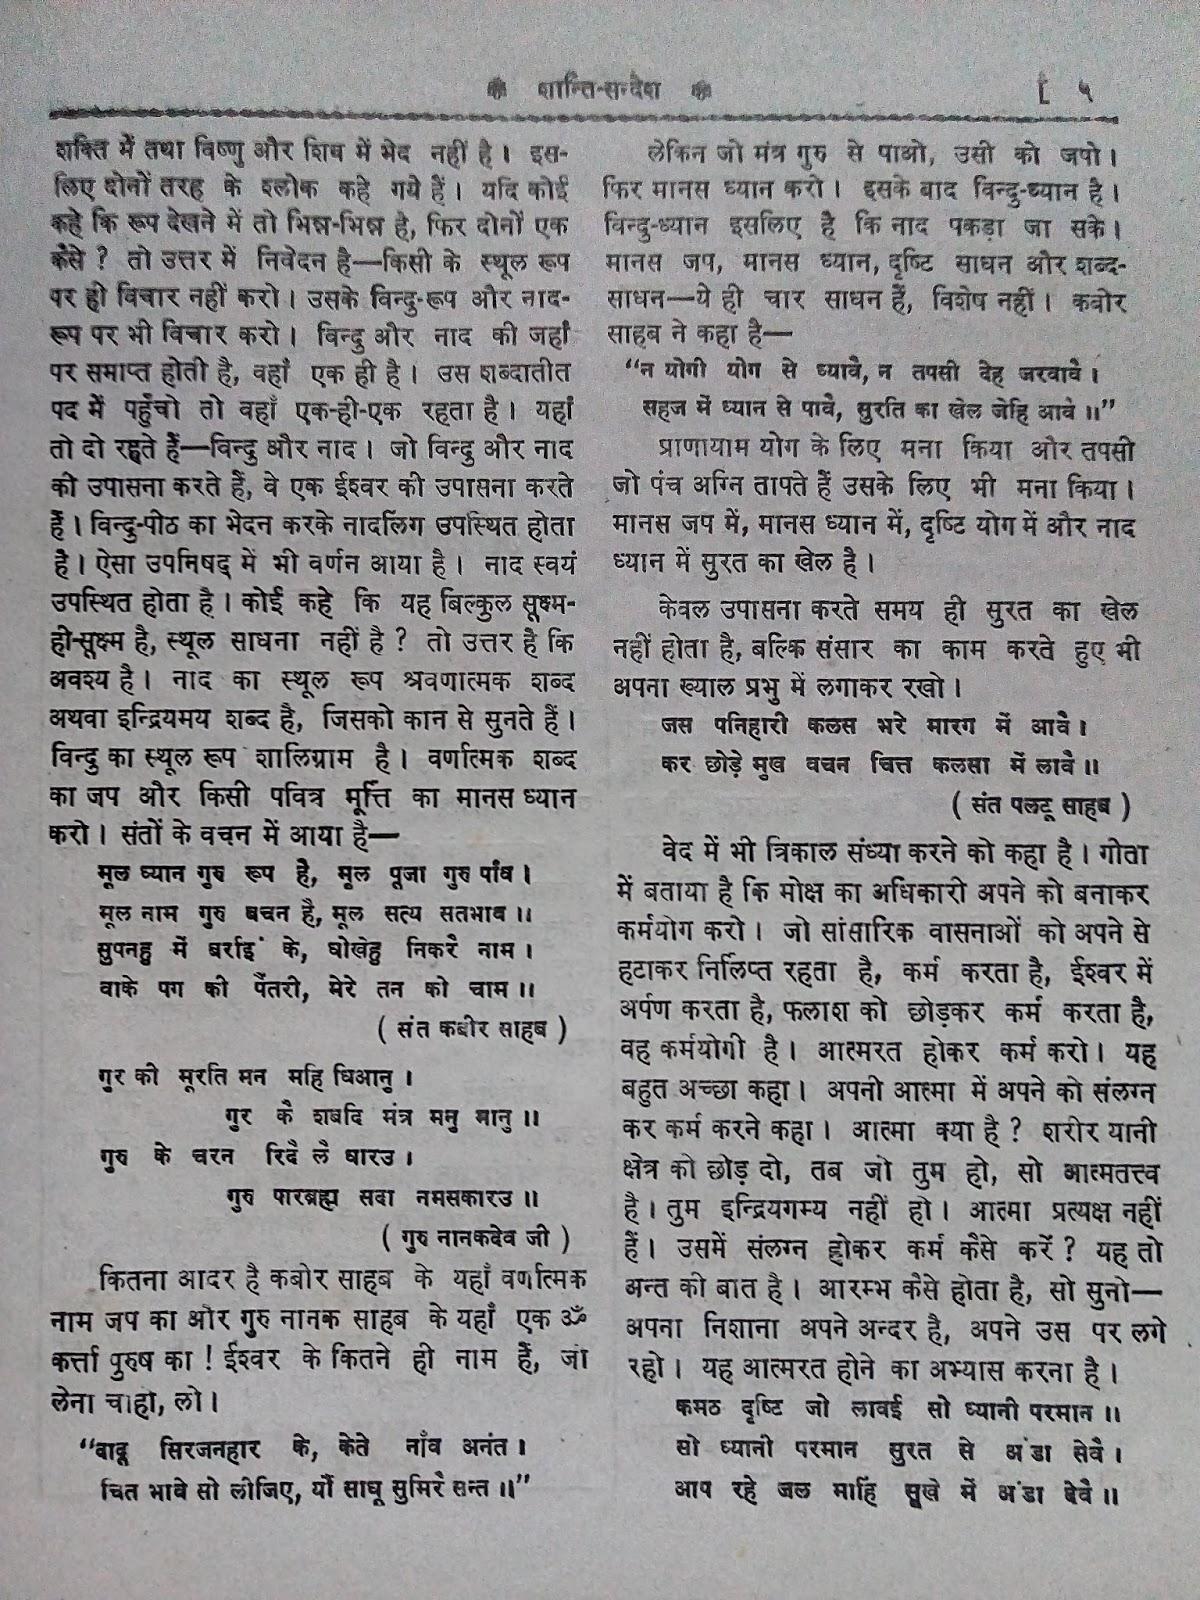 मोक्ष क्या है हिंदी प्रवचन